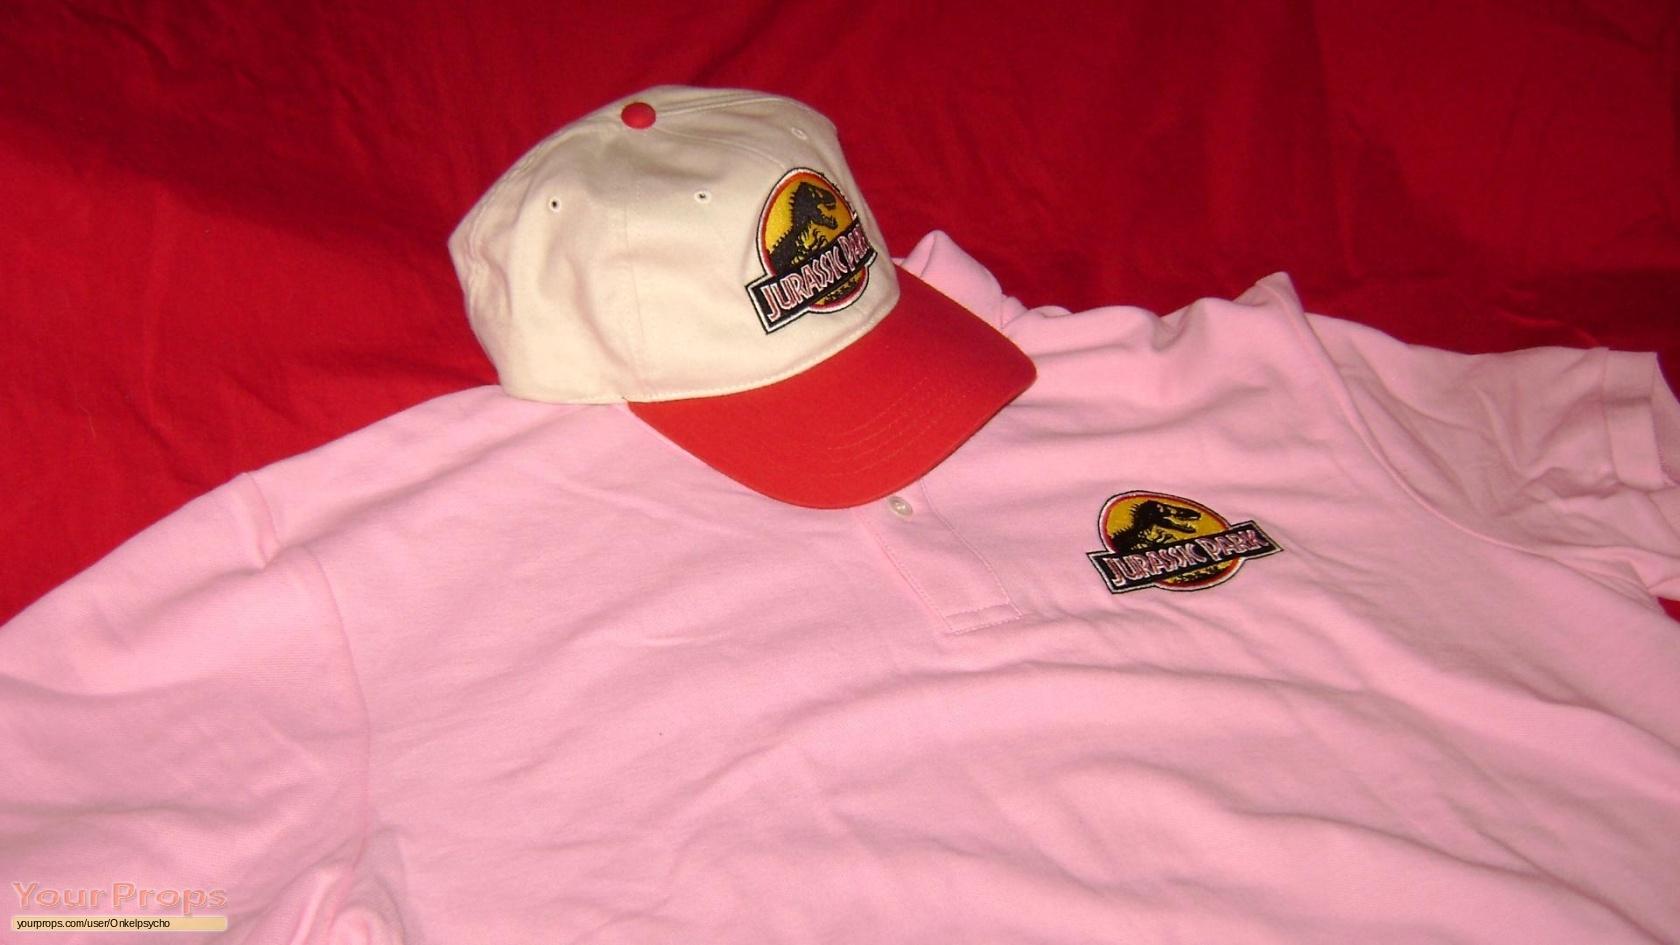 Jurassic Park Service   Employee Clothes replica movie costume e381ad54361f